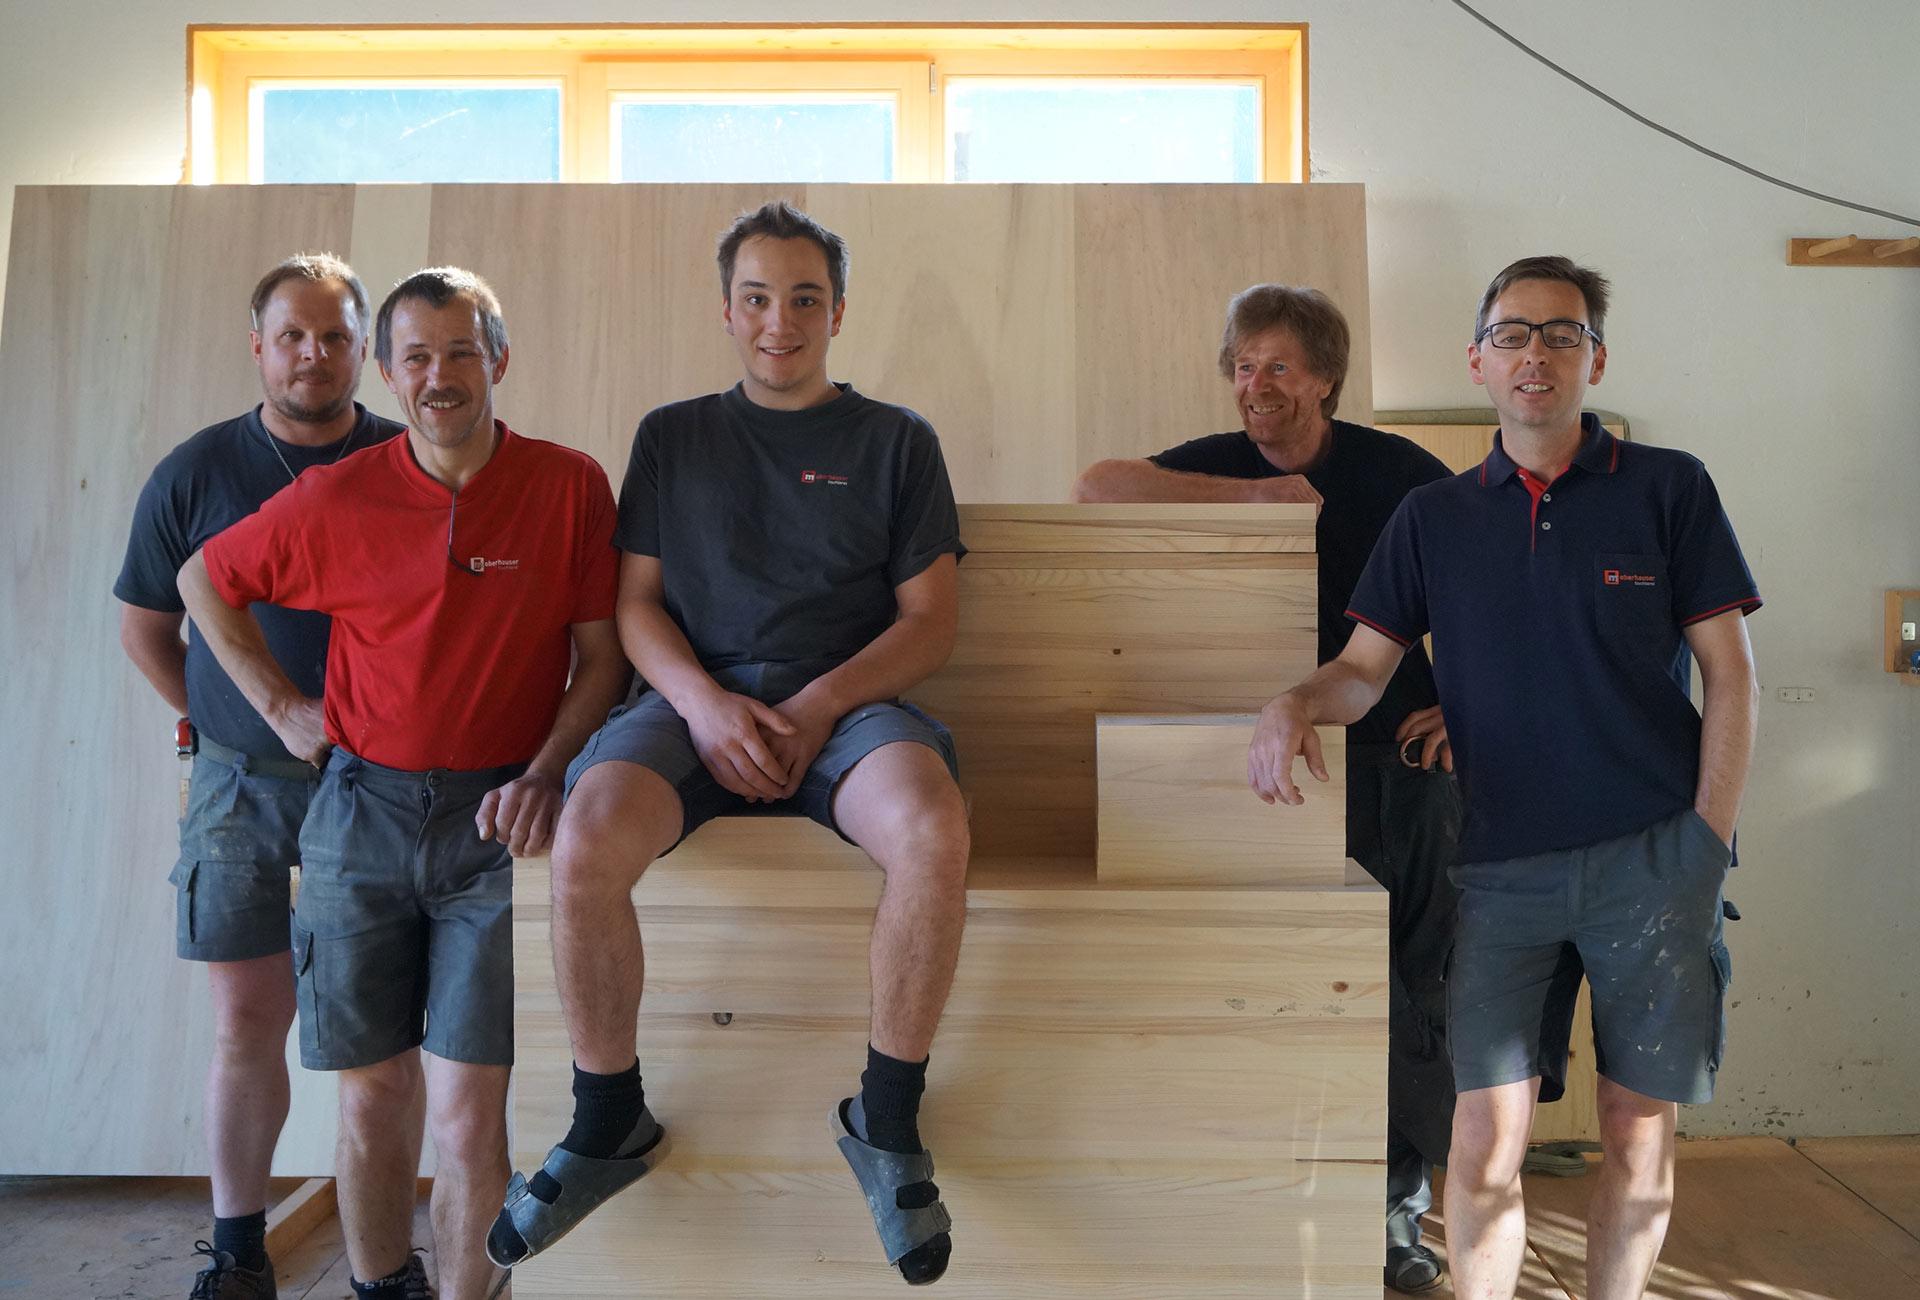 Tischlerei-Oberhauser-Team